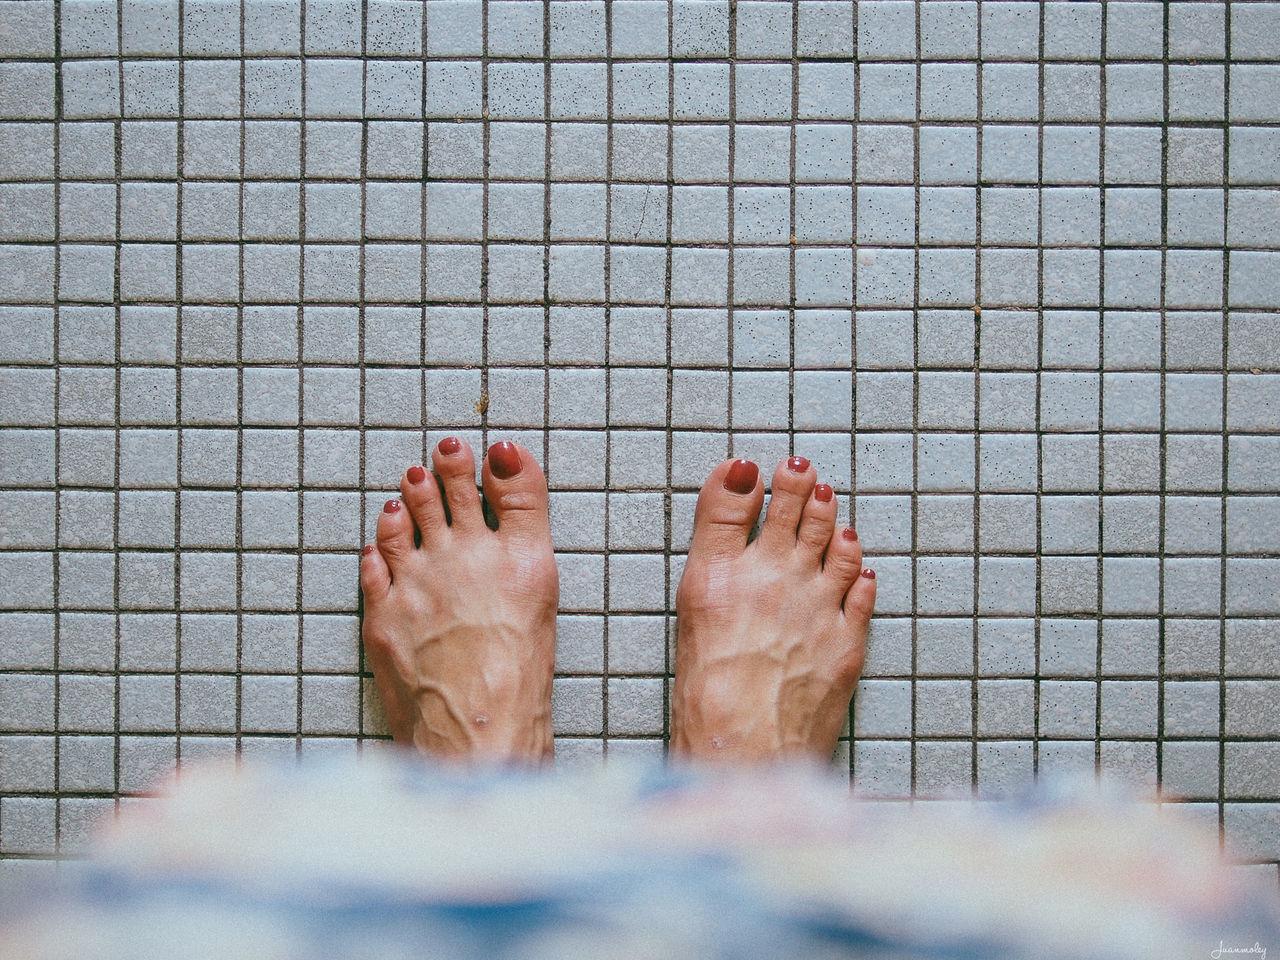 Veins Varicose Veins Tiles Nostalgia Vintage Feet